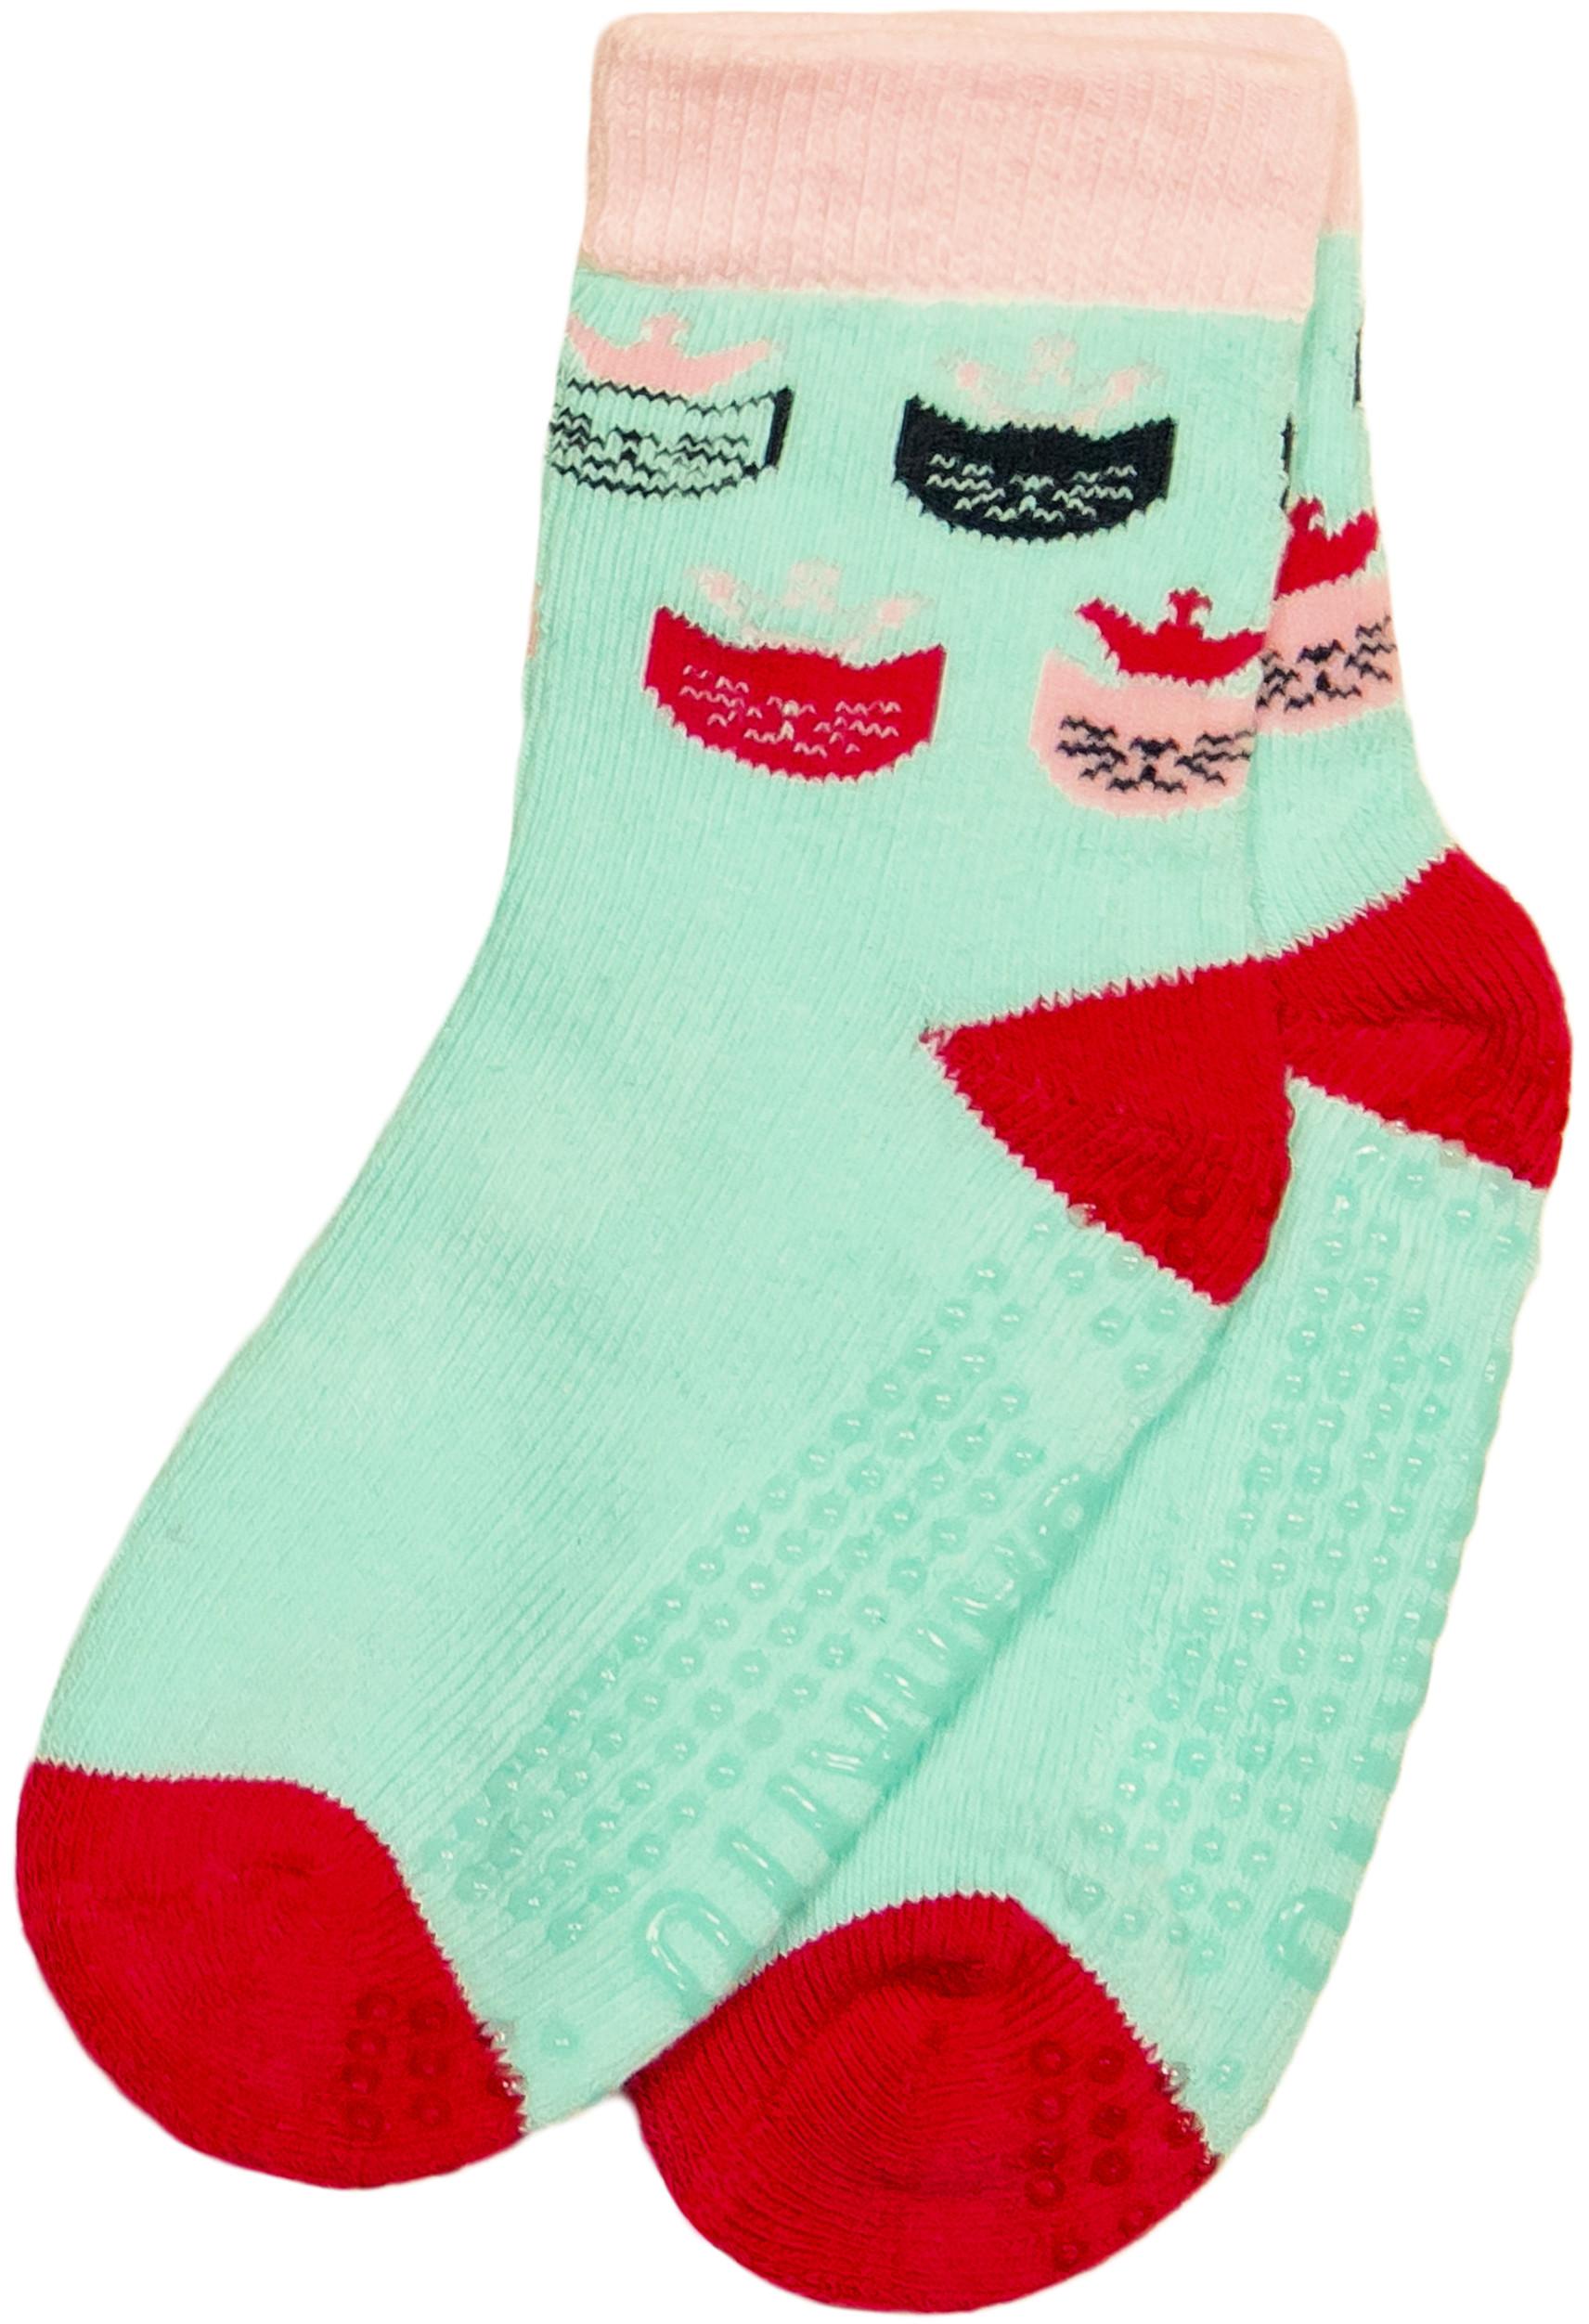 Носки Barkito Носки махровые антискользящие для девочки Barkito, голубые с рисунком ostin махровые носки с новогодним рисунком